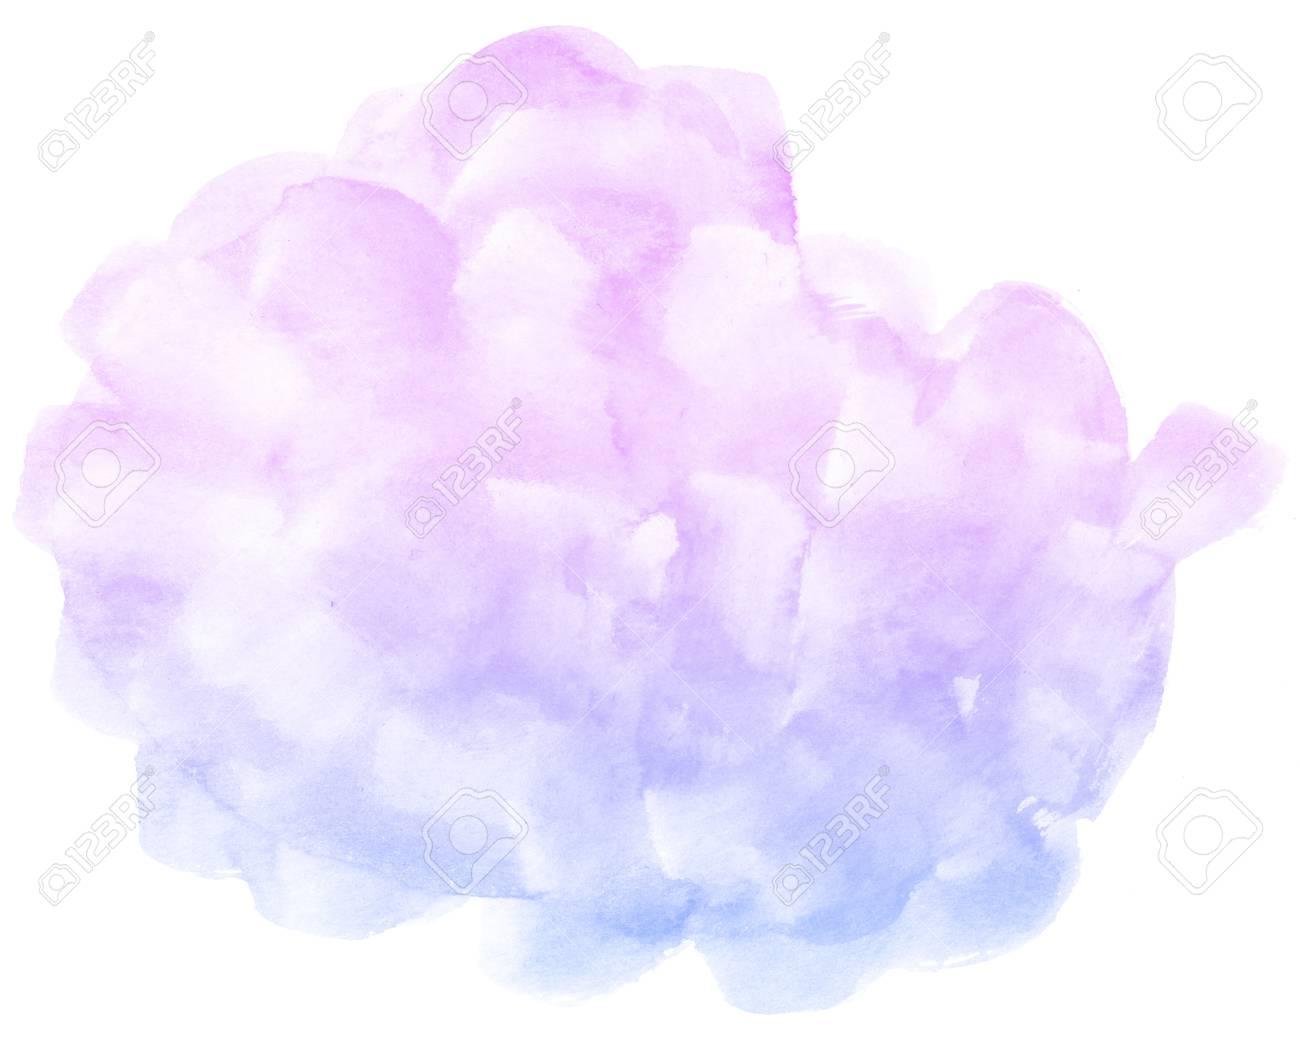 Immagini Stock Acquerello Astratto Rosa Su Sfondo Bianco E Questo